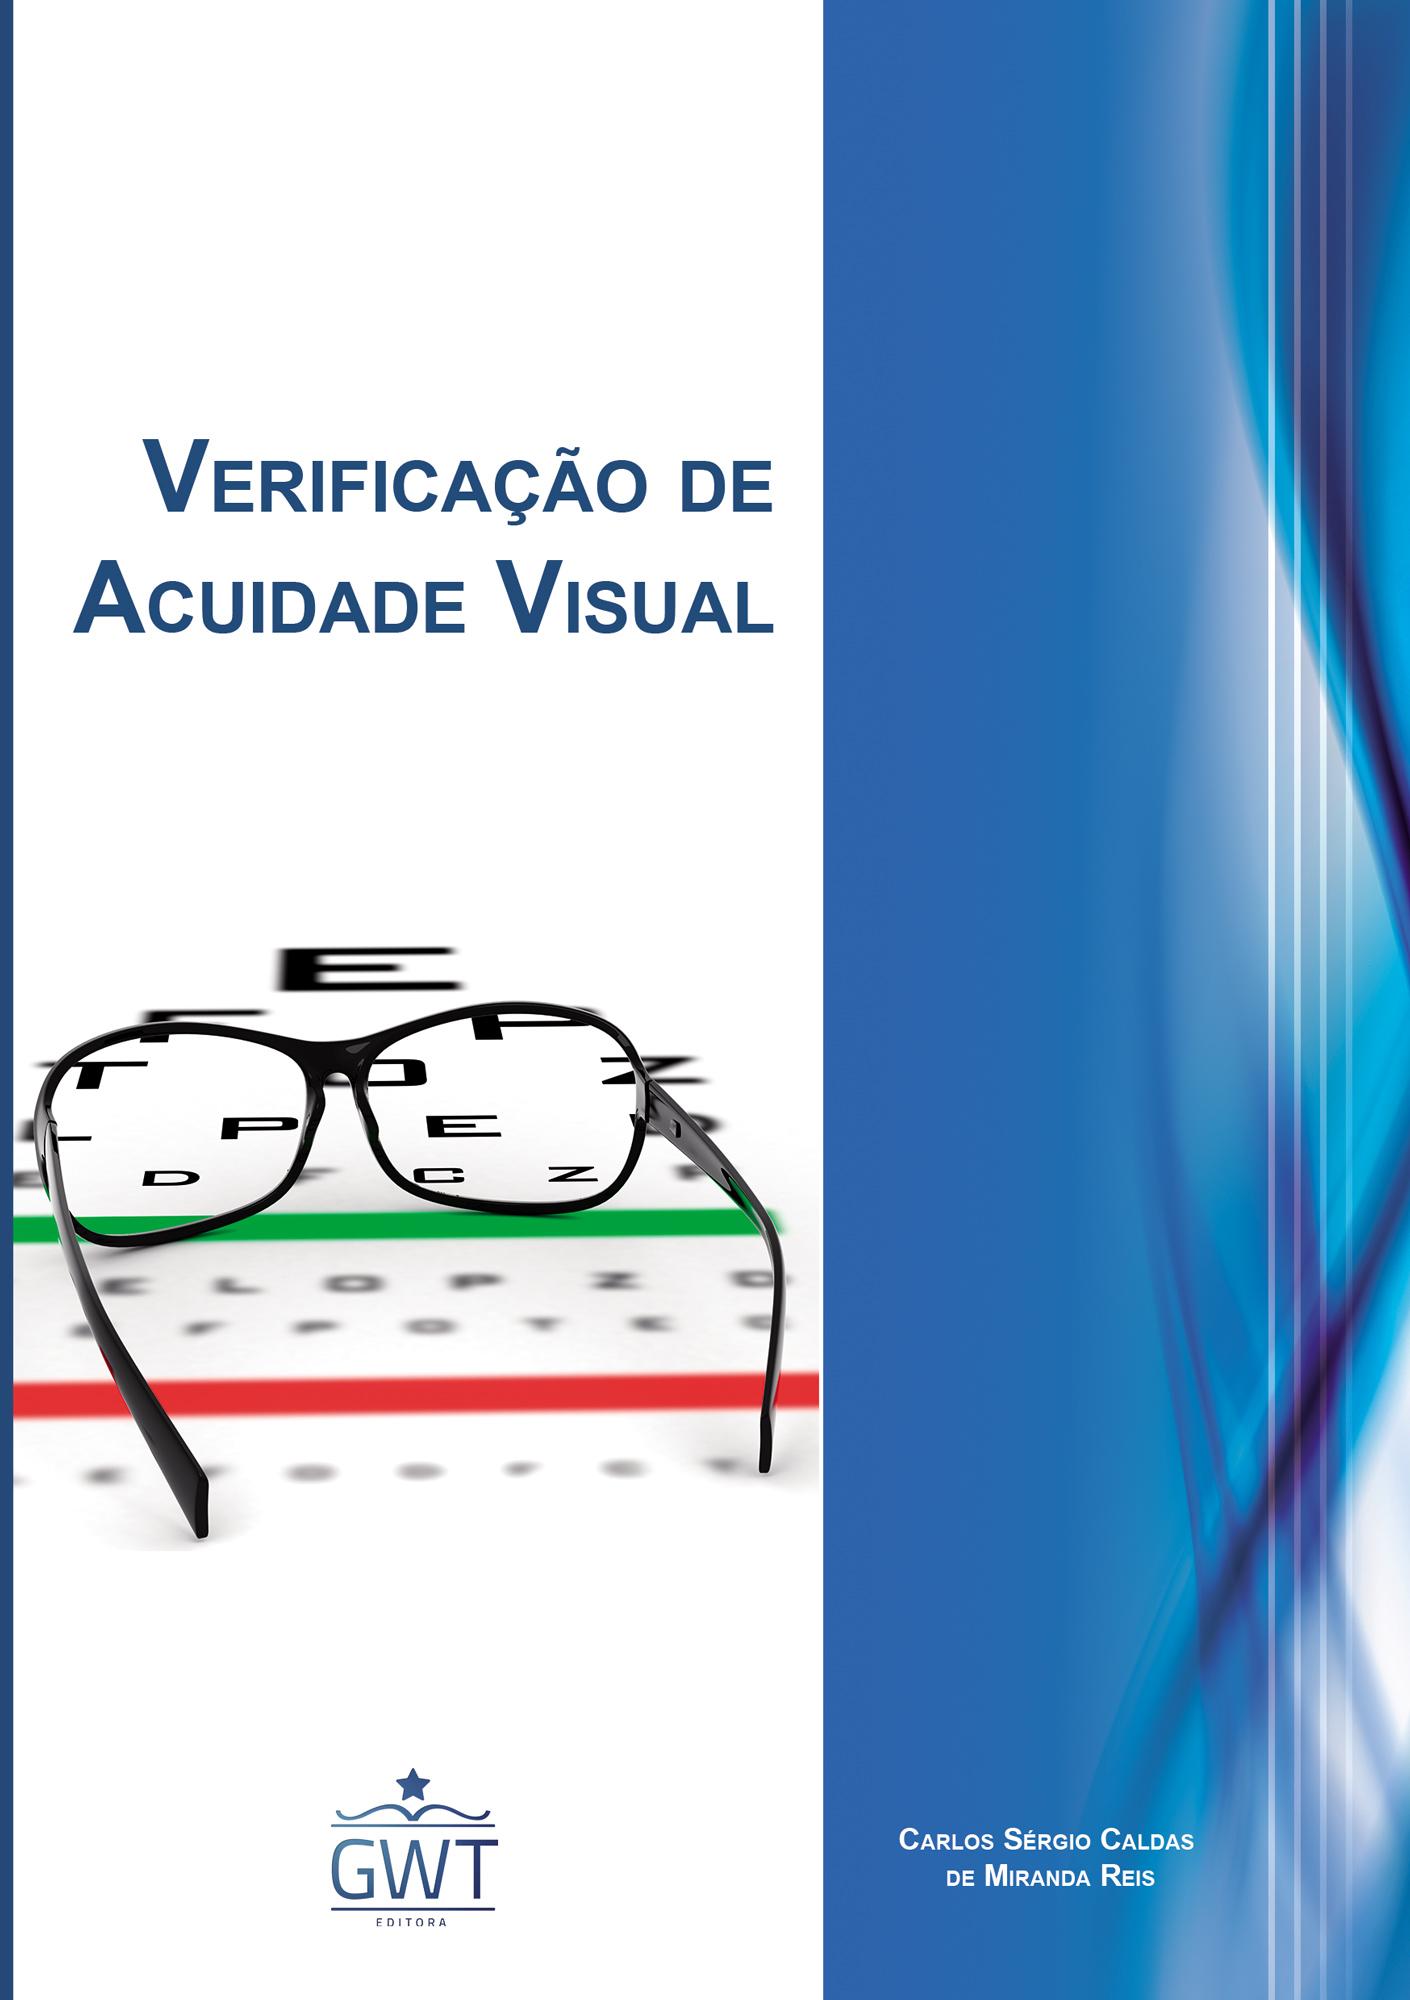 Capa-Verificação-de-Acuidade-Visual-nova-logo.jpg